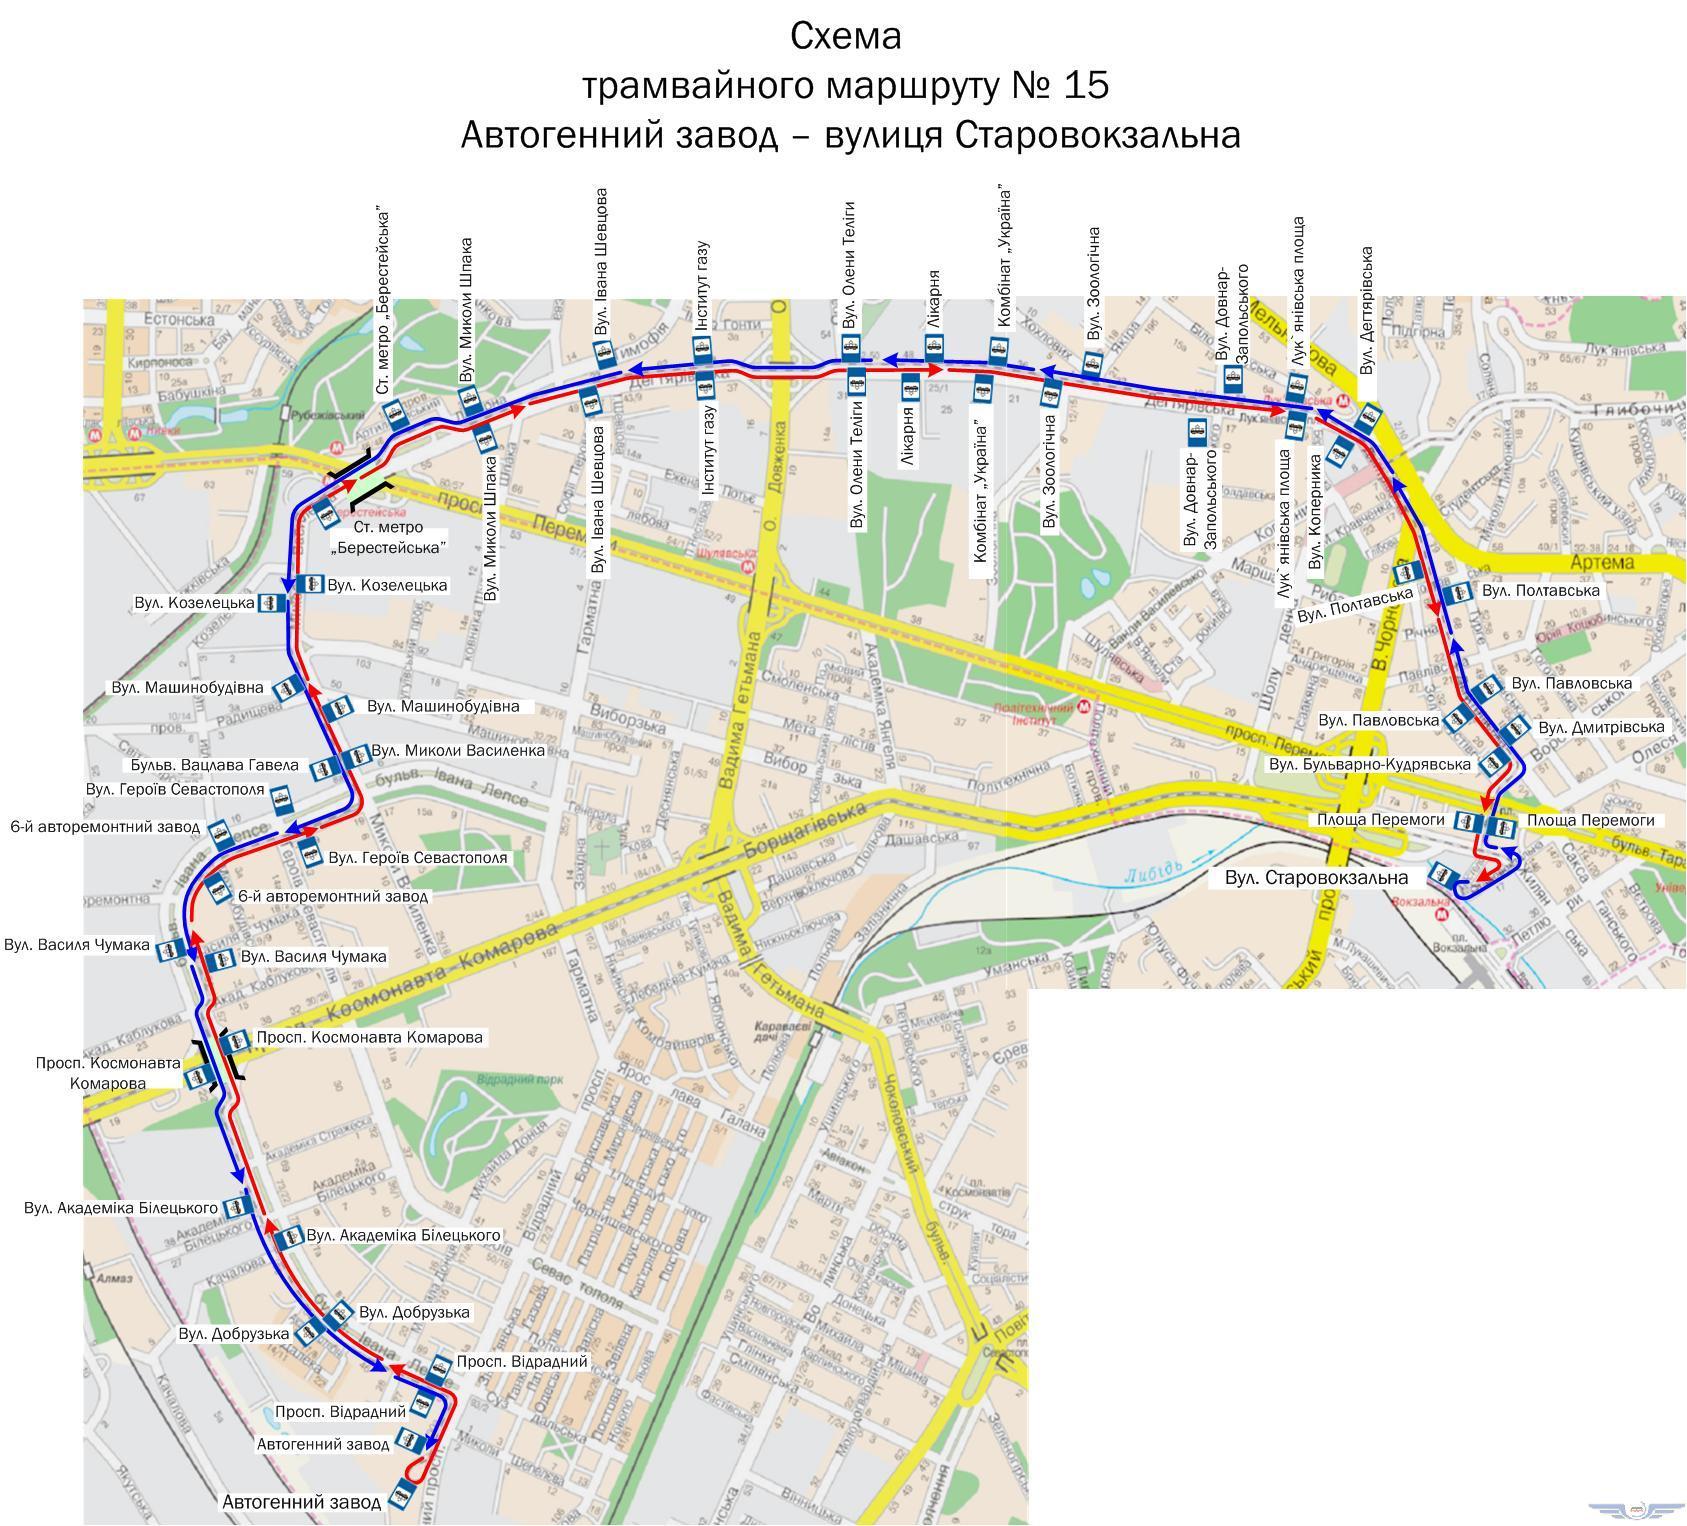 Маршрут троллейбус 39 схема